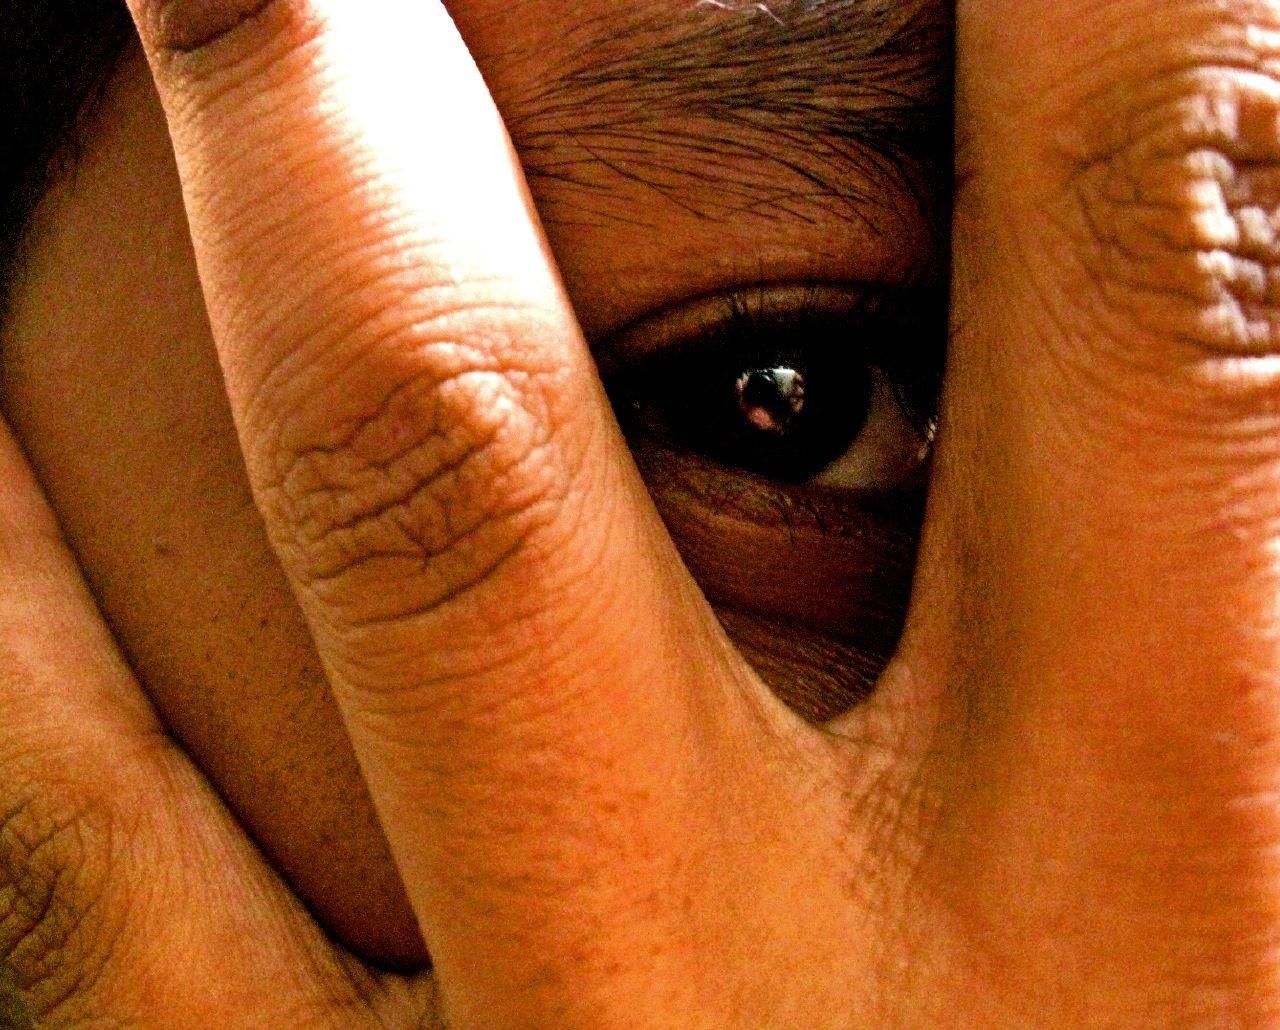 vergonha (Foto: Flickr/nasrul ekram)